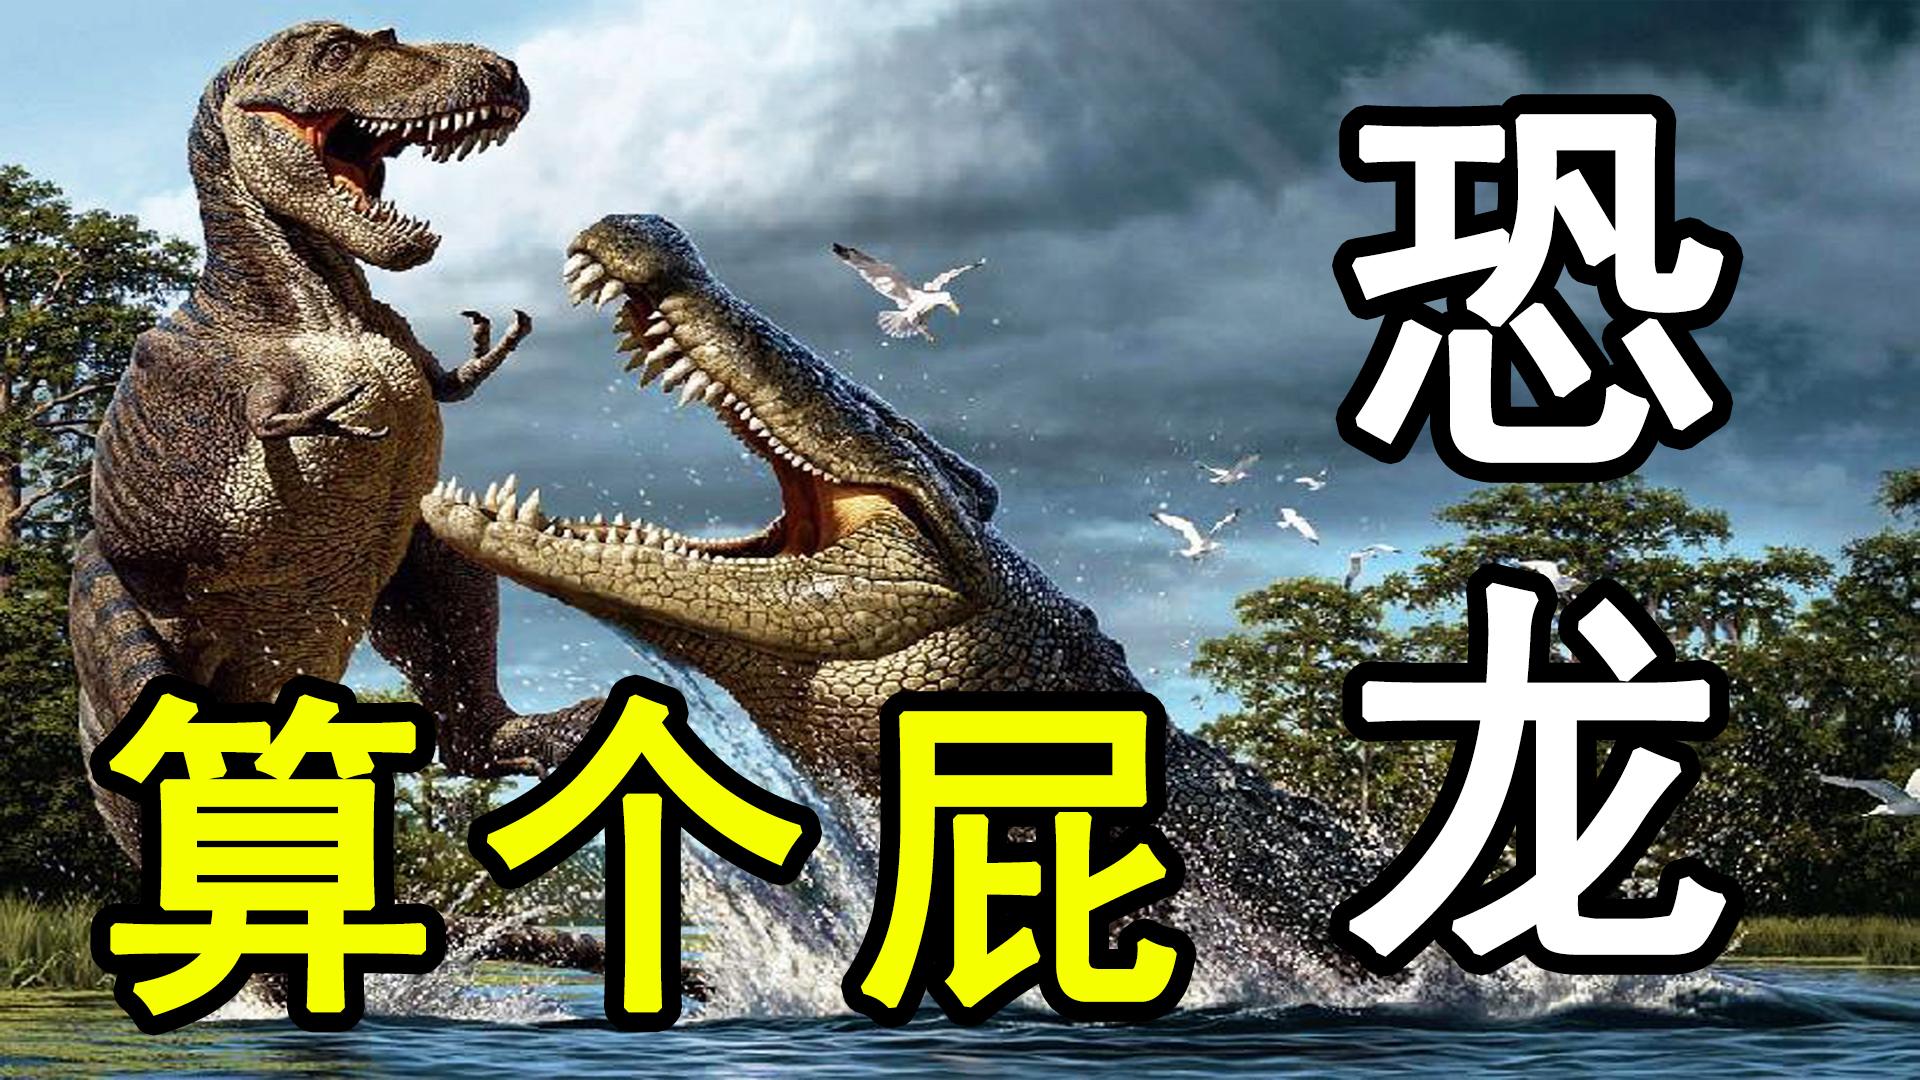 专吃恐龙的史前巨鳄?在营销号口中,这些远古生物都成神了!